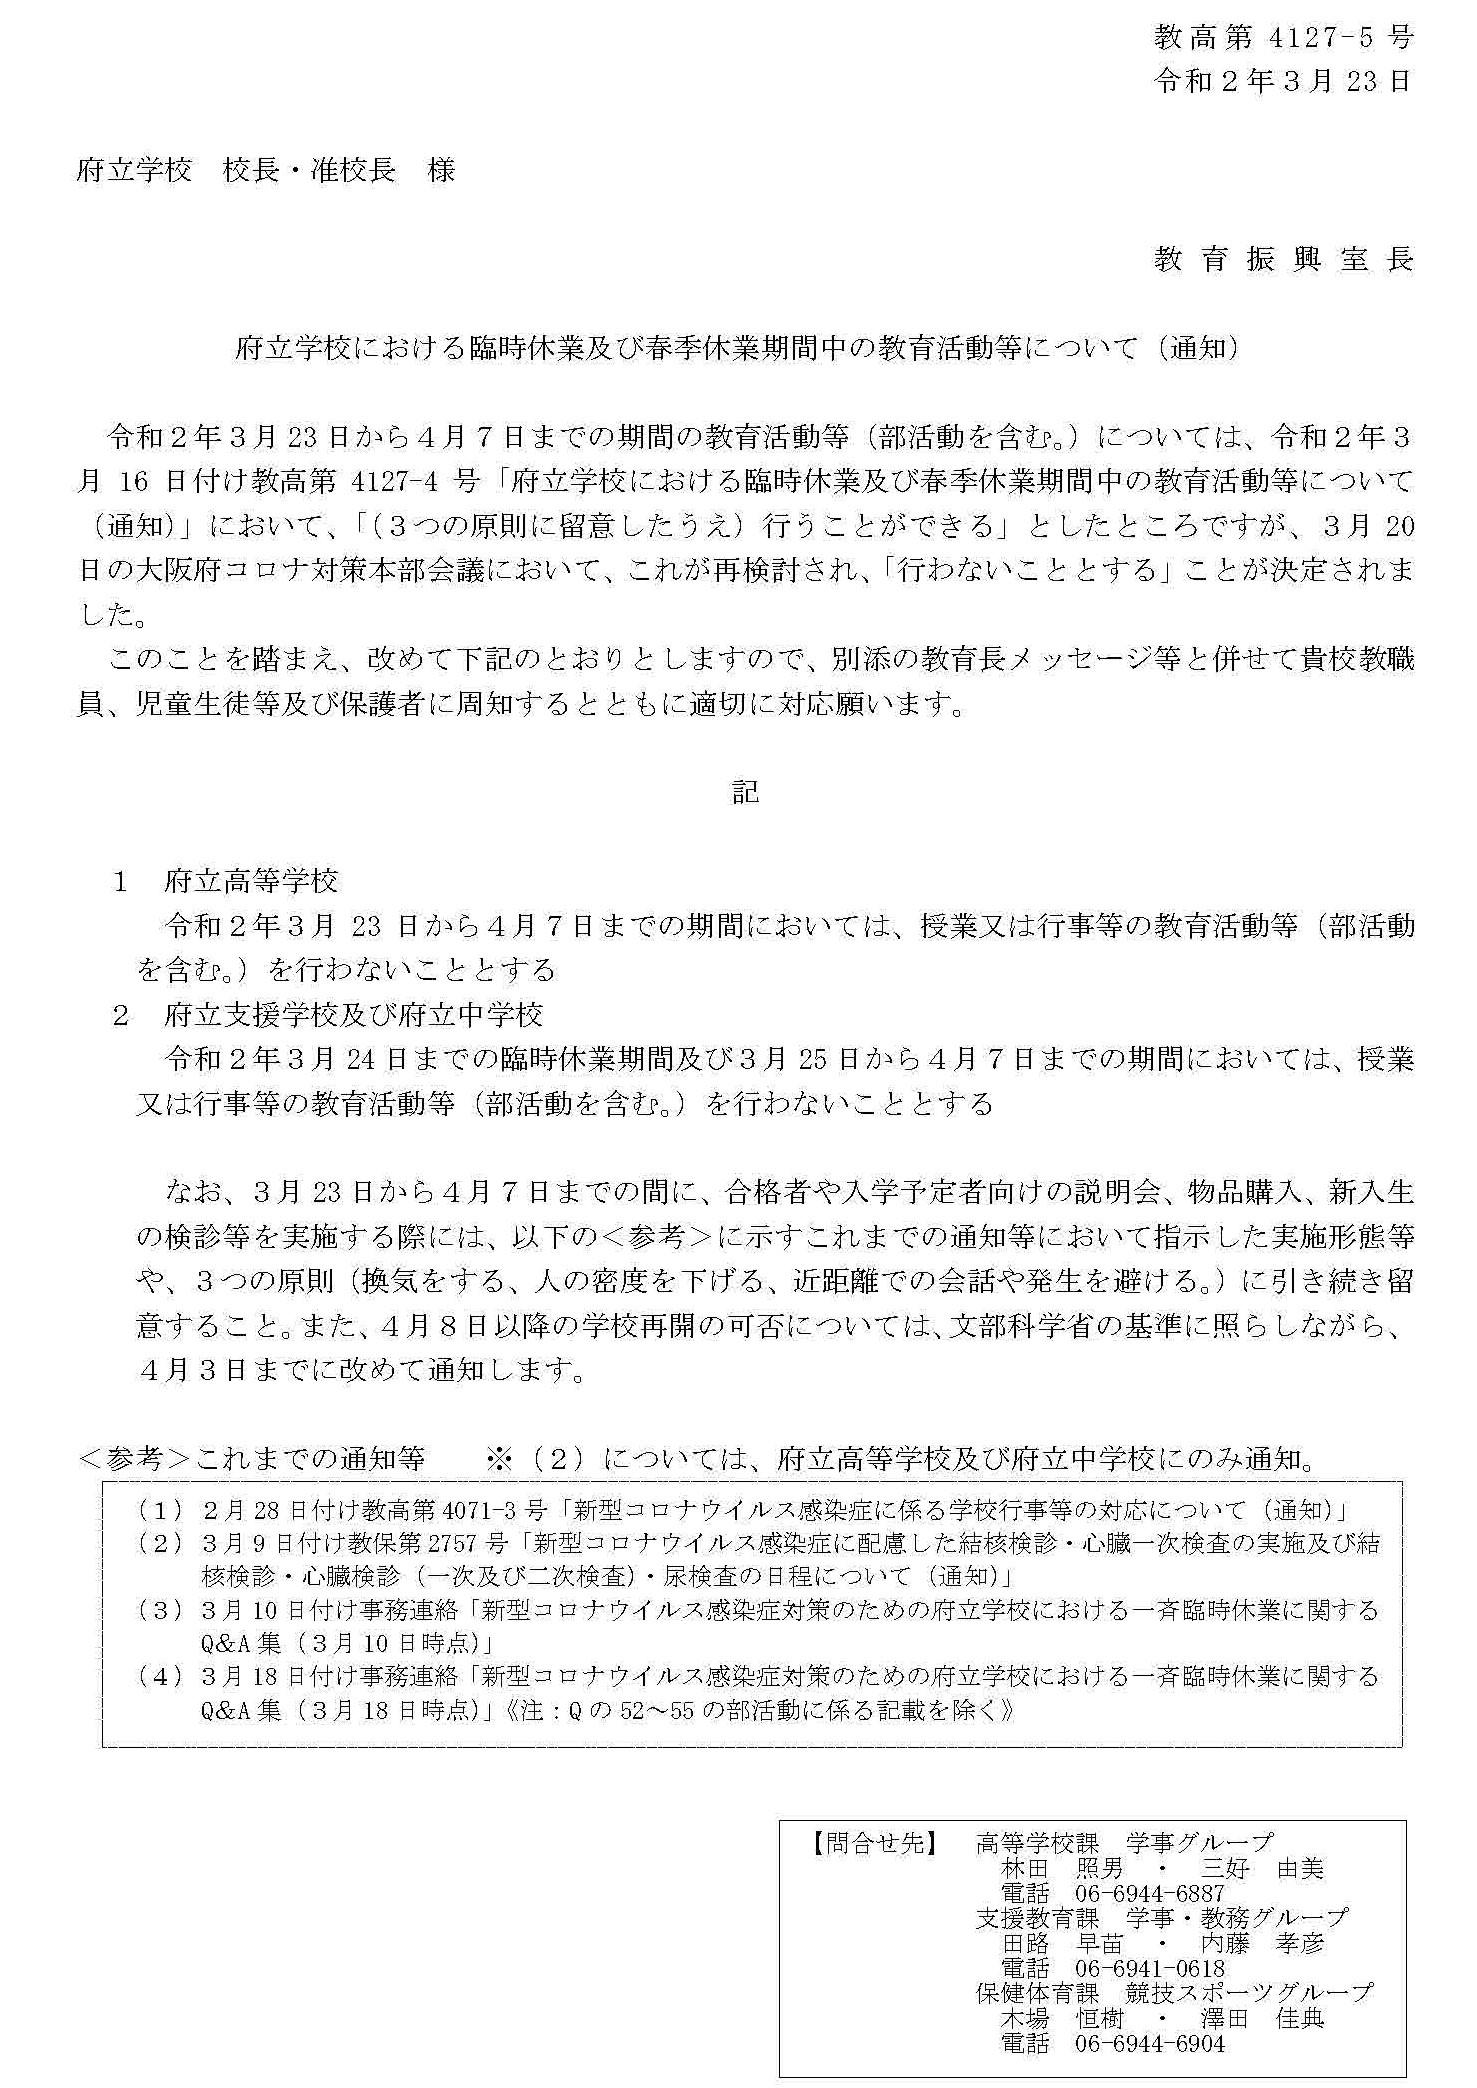 通達3/23-4/7までの教育活動(部活動)について(変更)